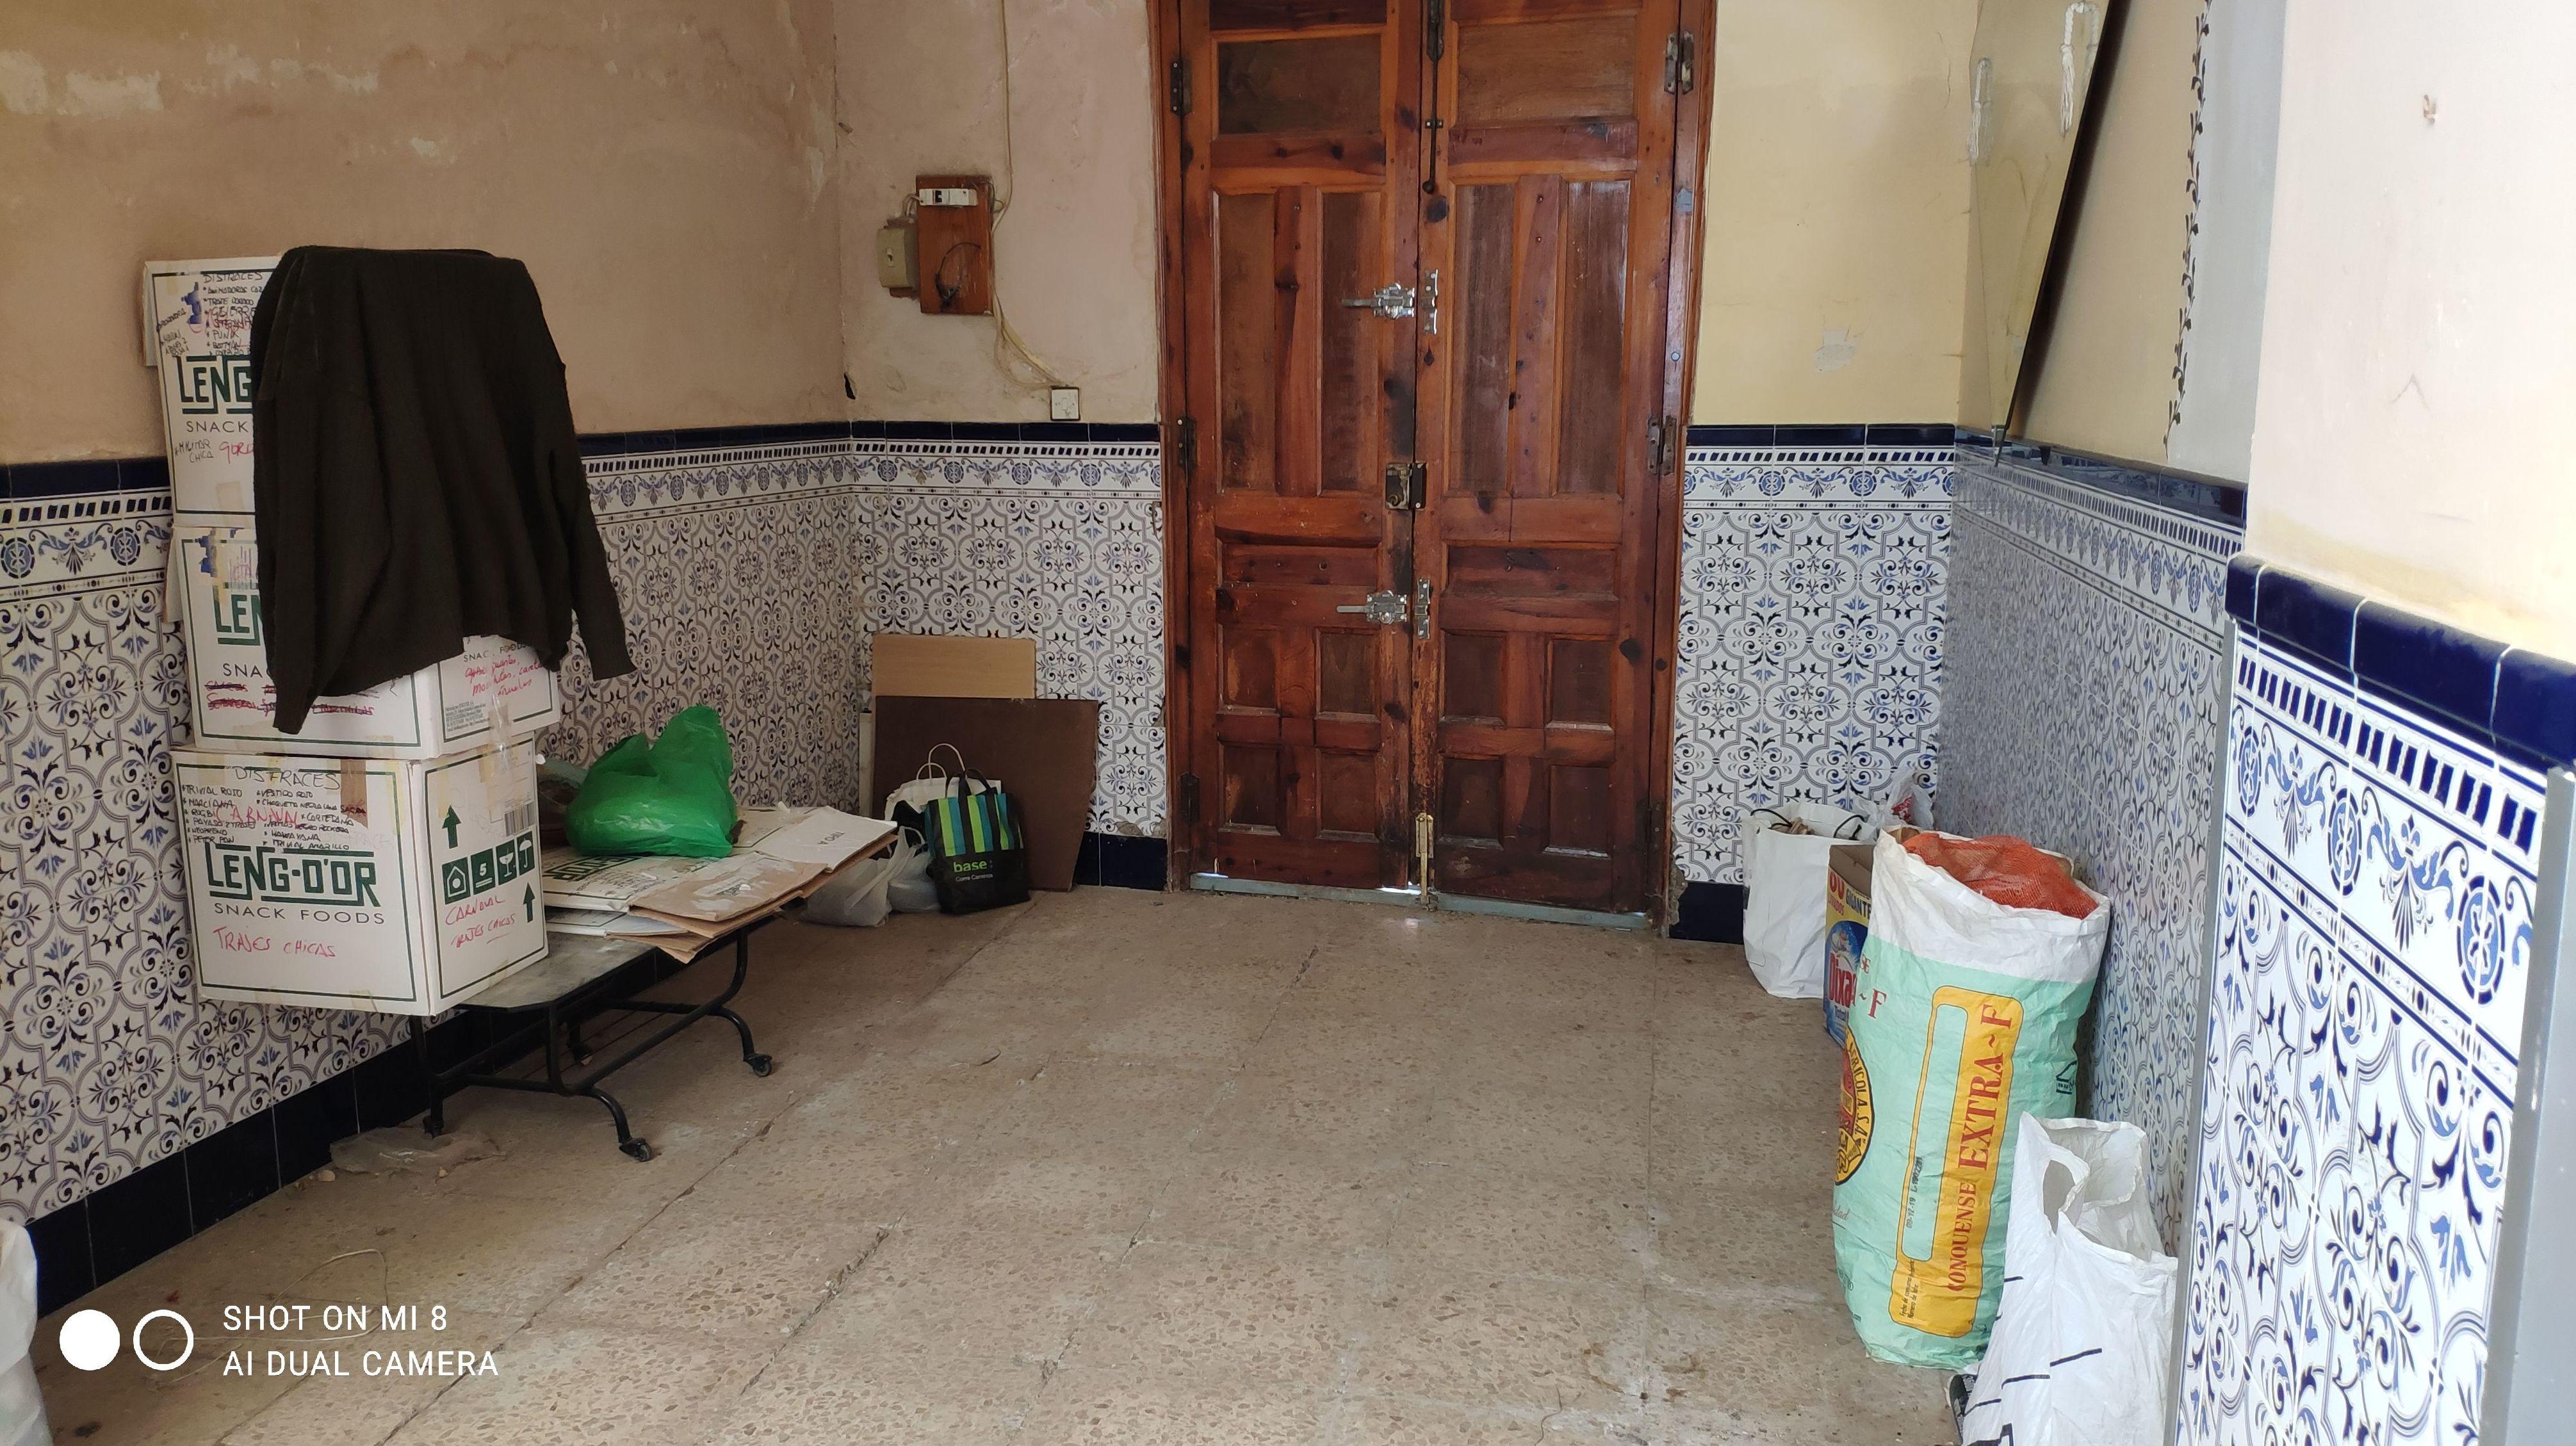 Casa economica en c/ Vereda: Inmuebles Urbanos de ANTONIO ARAGONÉS DÍAZ PAVÓN